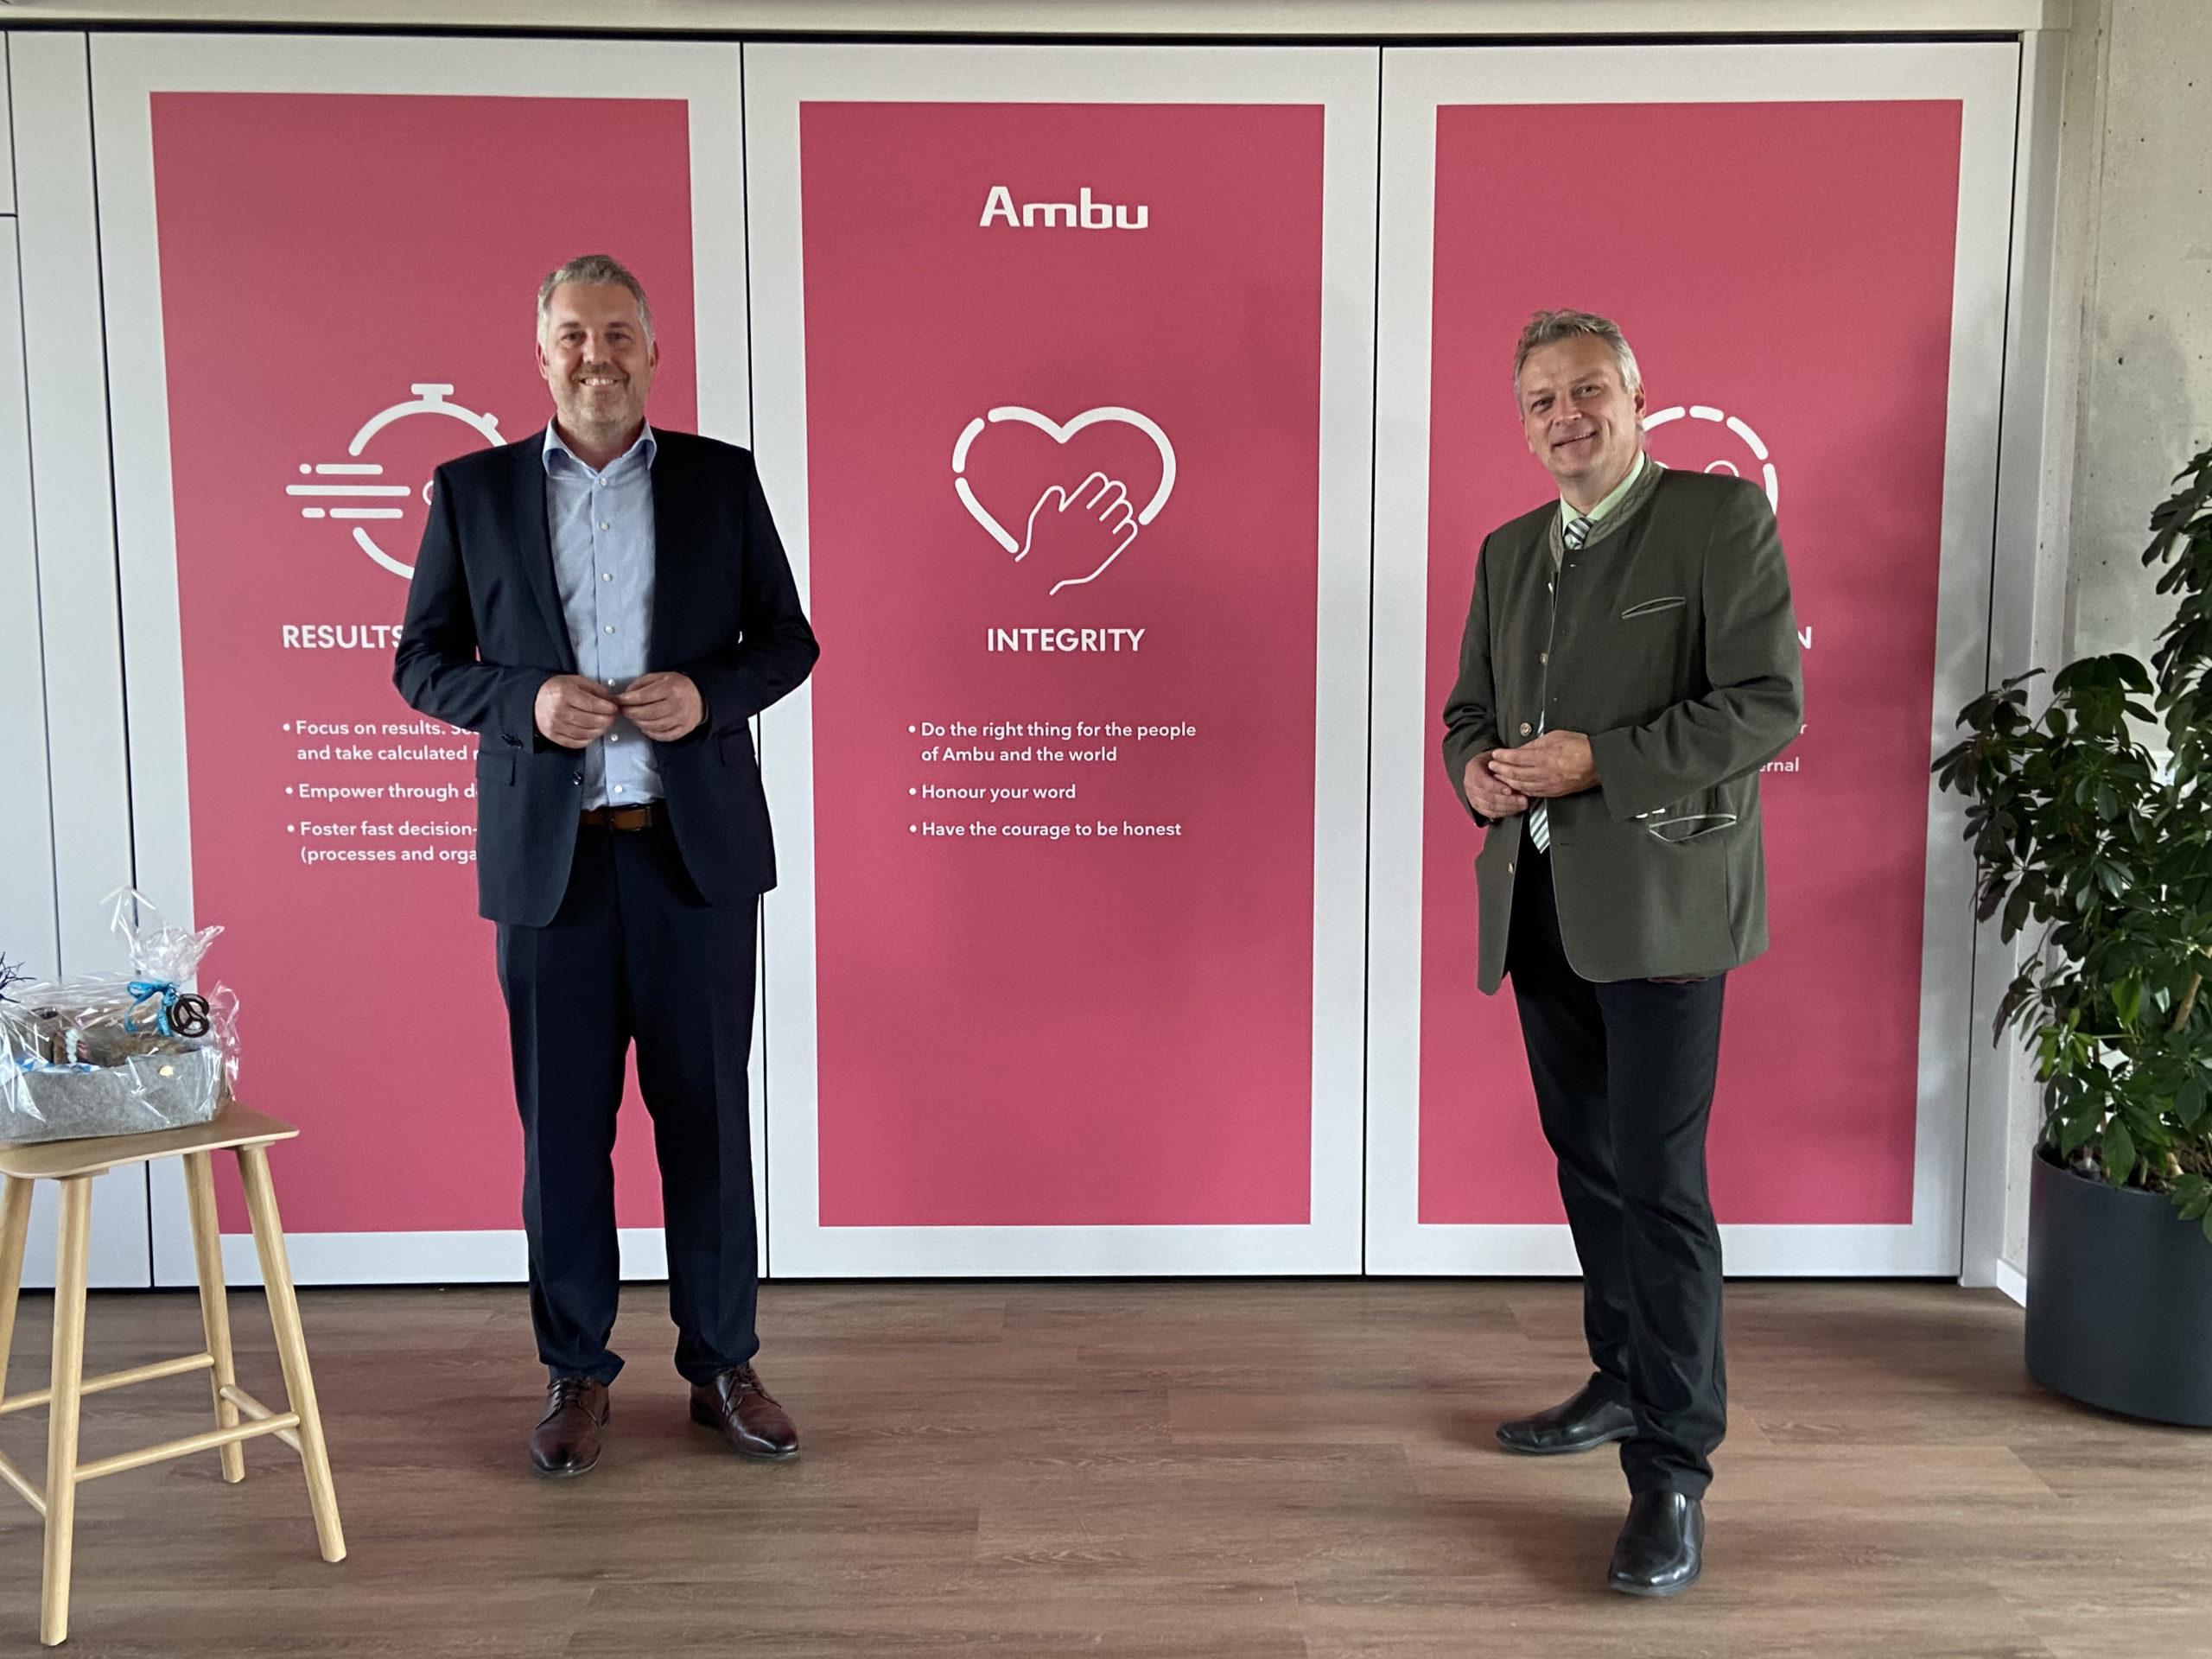 Wirtschaftsstaatssekretär Roland Weigert (r.) und Marc Henzler, Geschäftsführer der Ambu Innovation GmbH